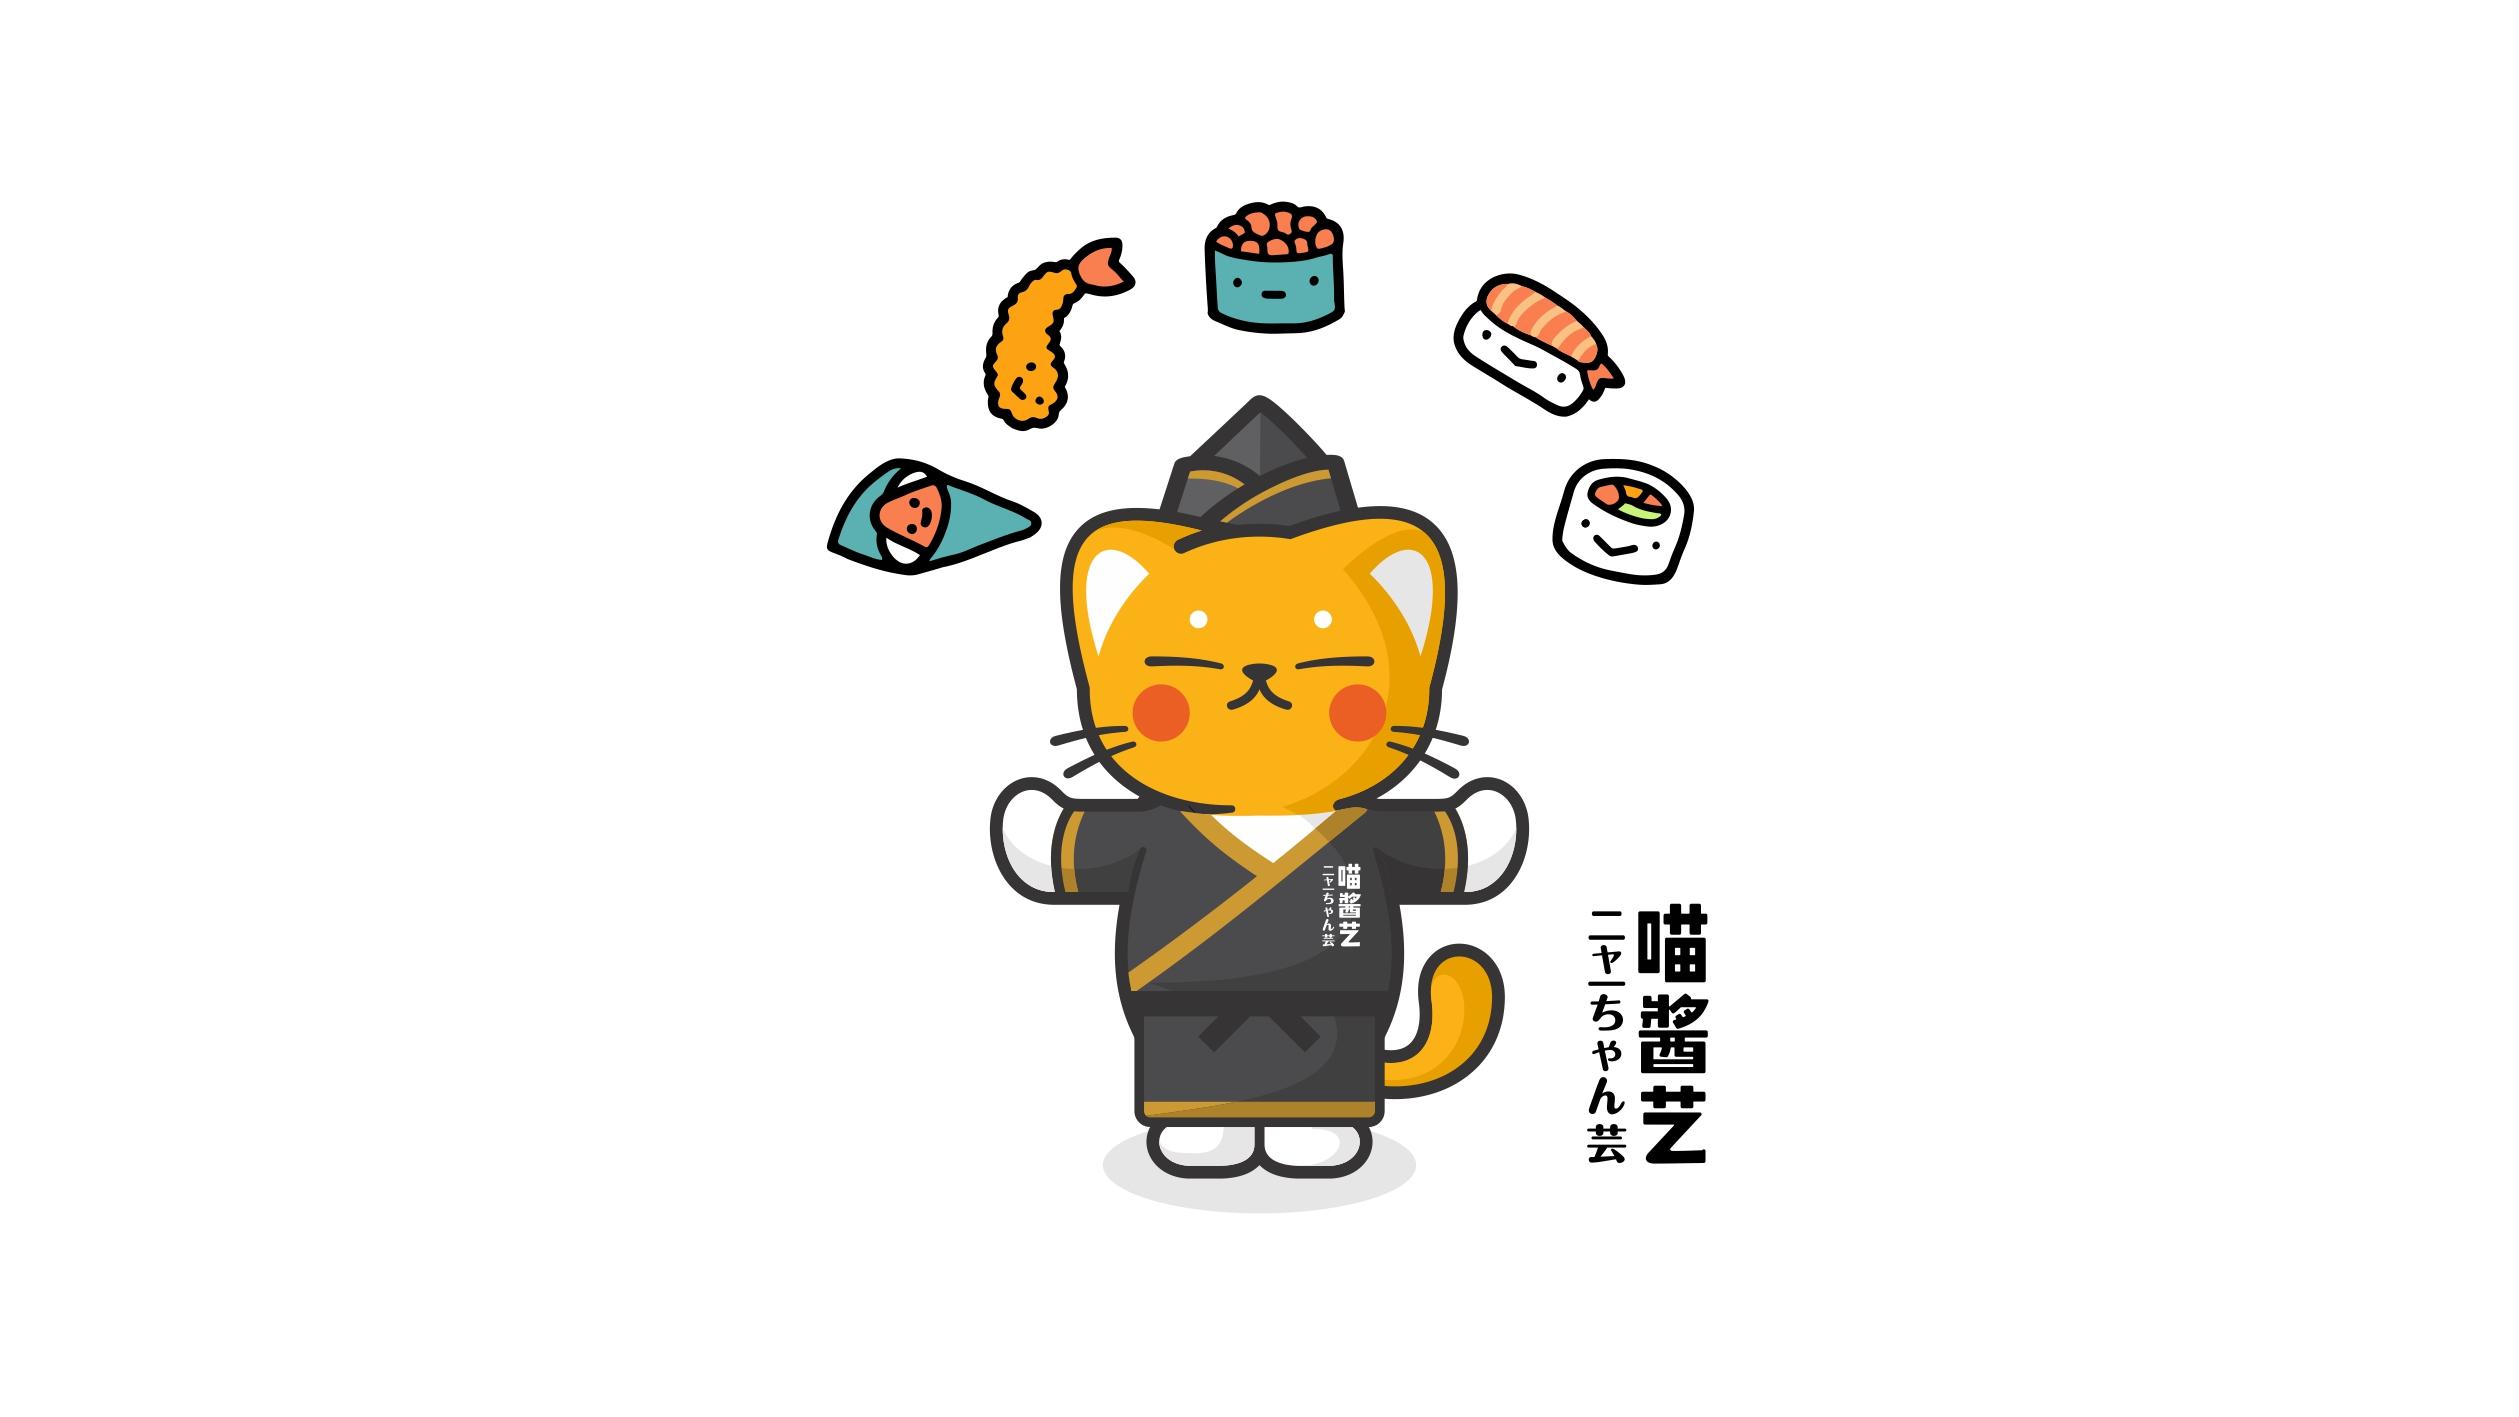 喵酱艺吉祥物万博手机官网